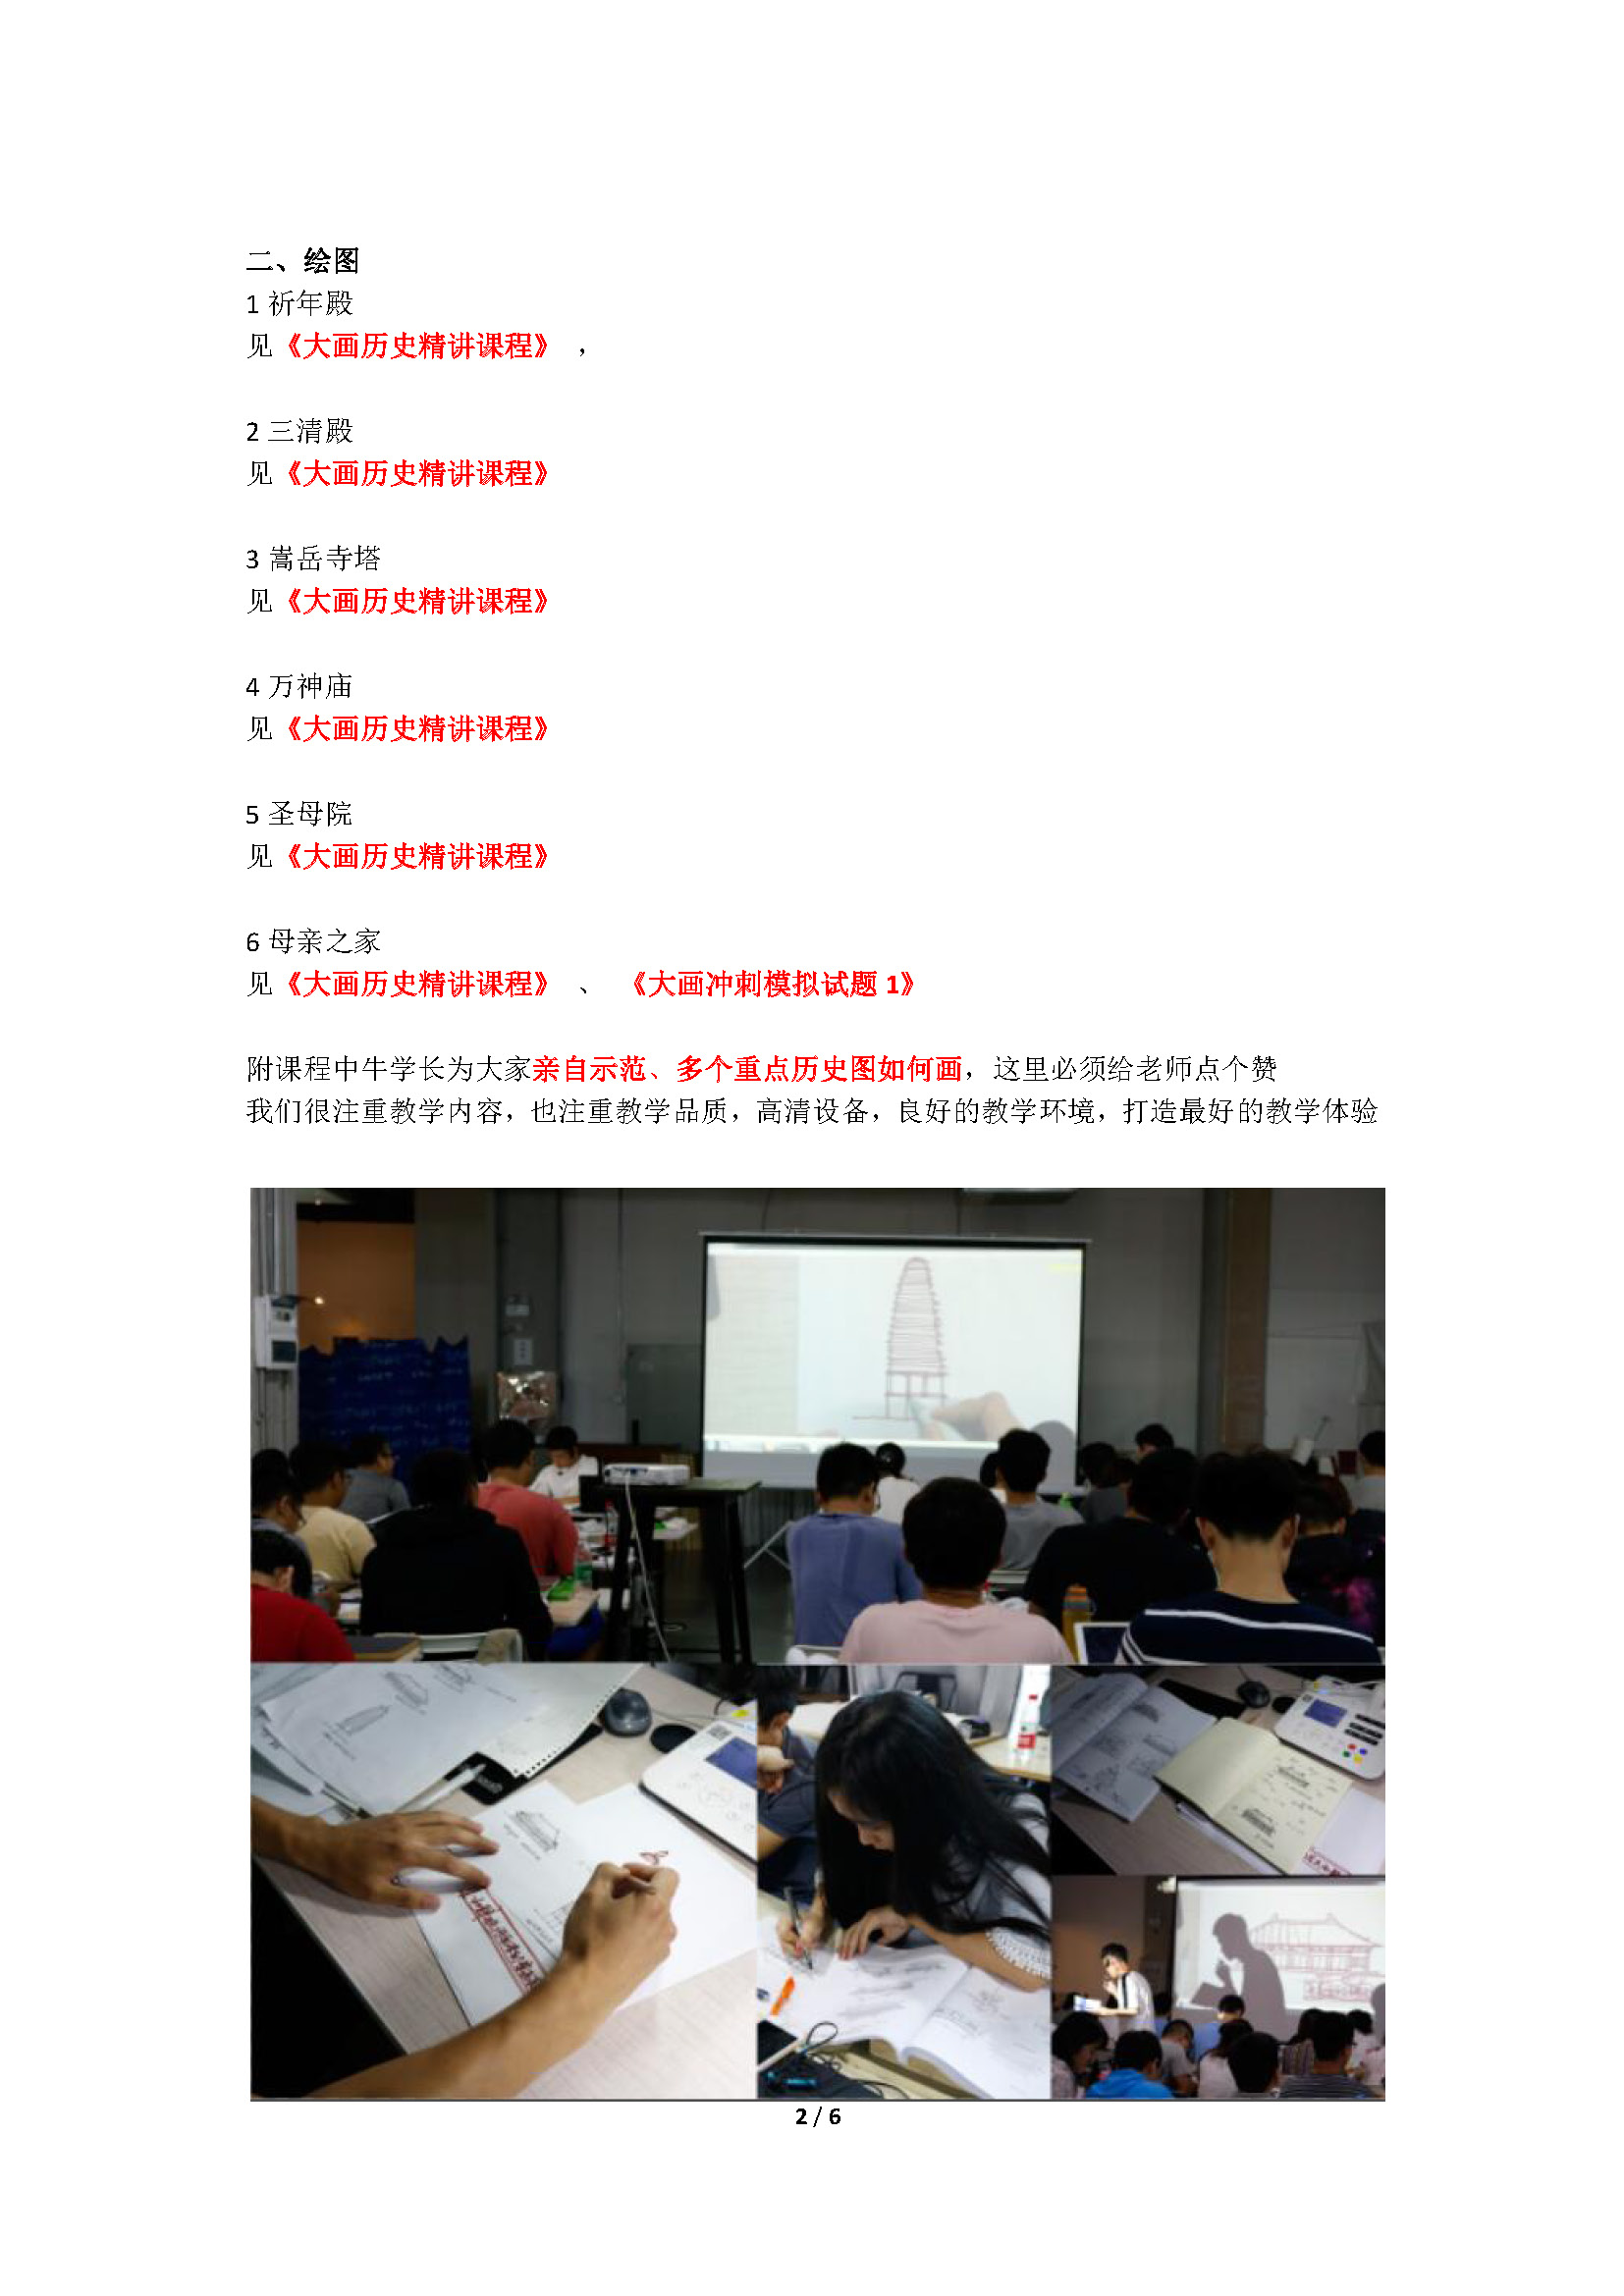 2018湖大综合真题 _页面_2.jpg